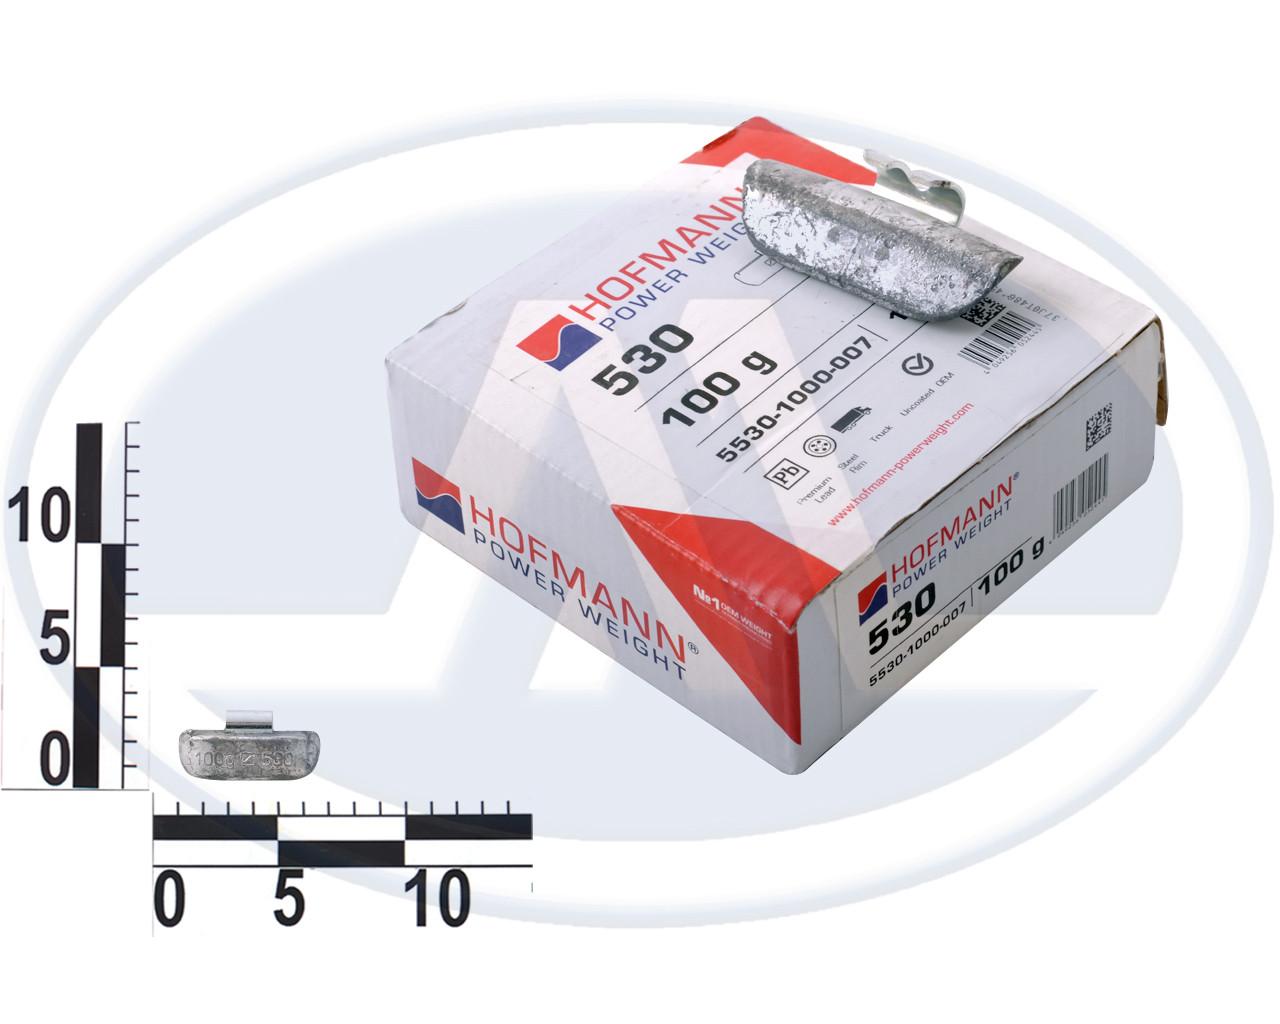 Груз набивной для стальных дисков г/а, свинец 100г, тип 530, Германия